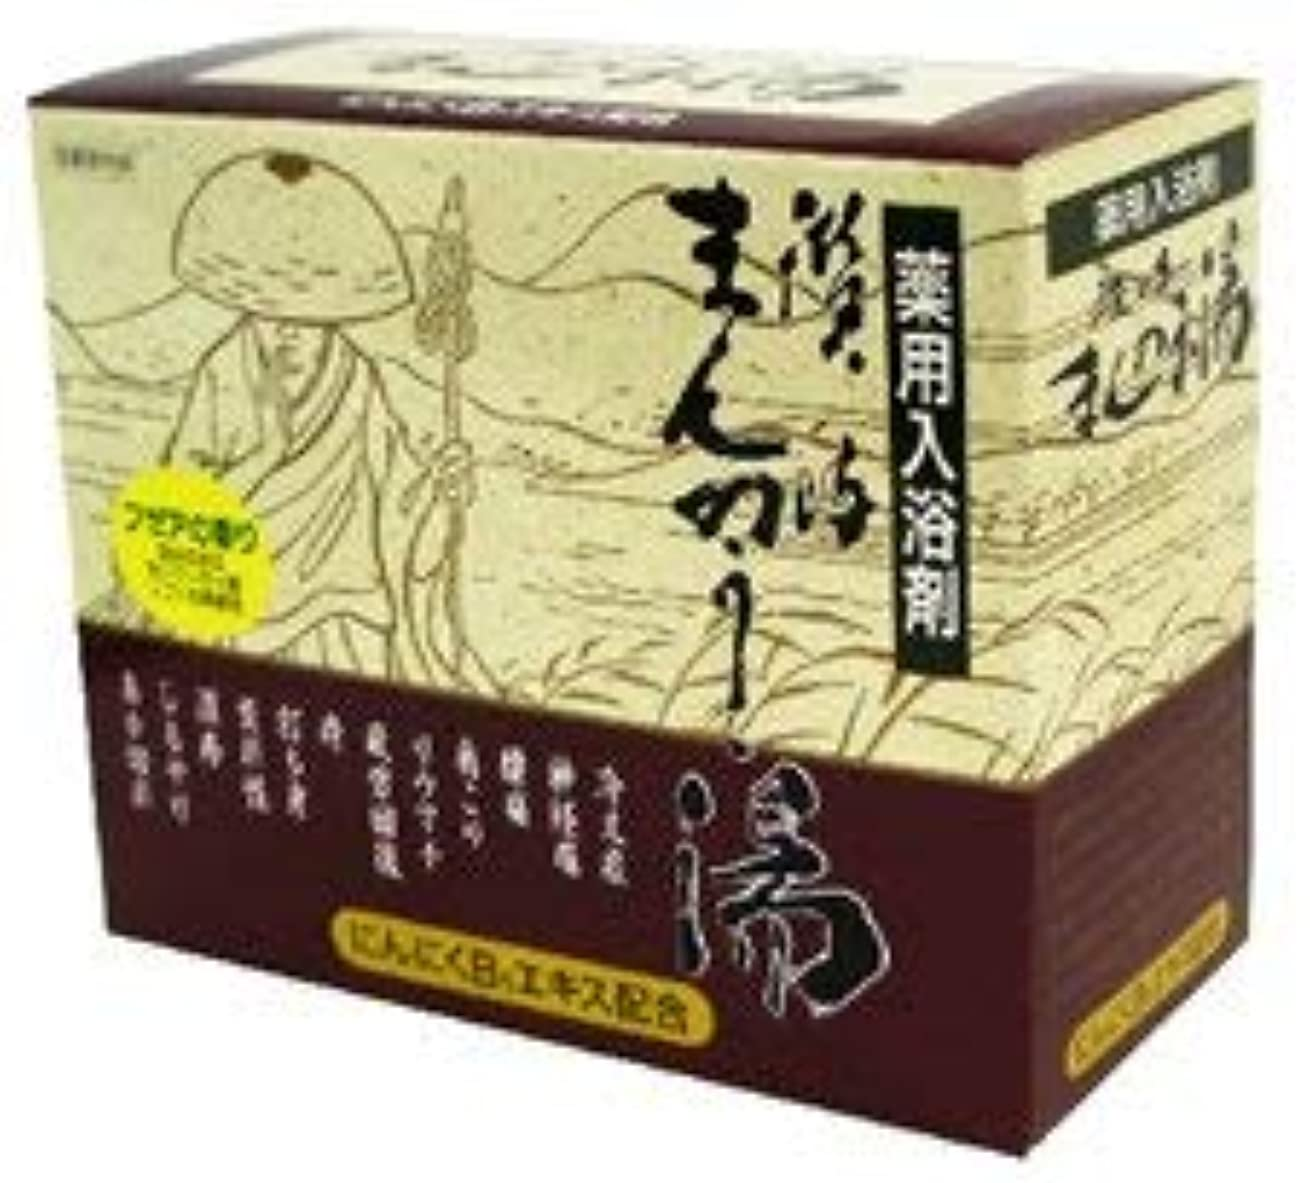 ボスふりをする質量薬用入浴剤 讃岐まんのう湯 30g×20包 2箱セット